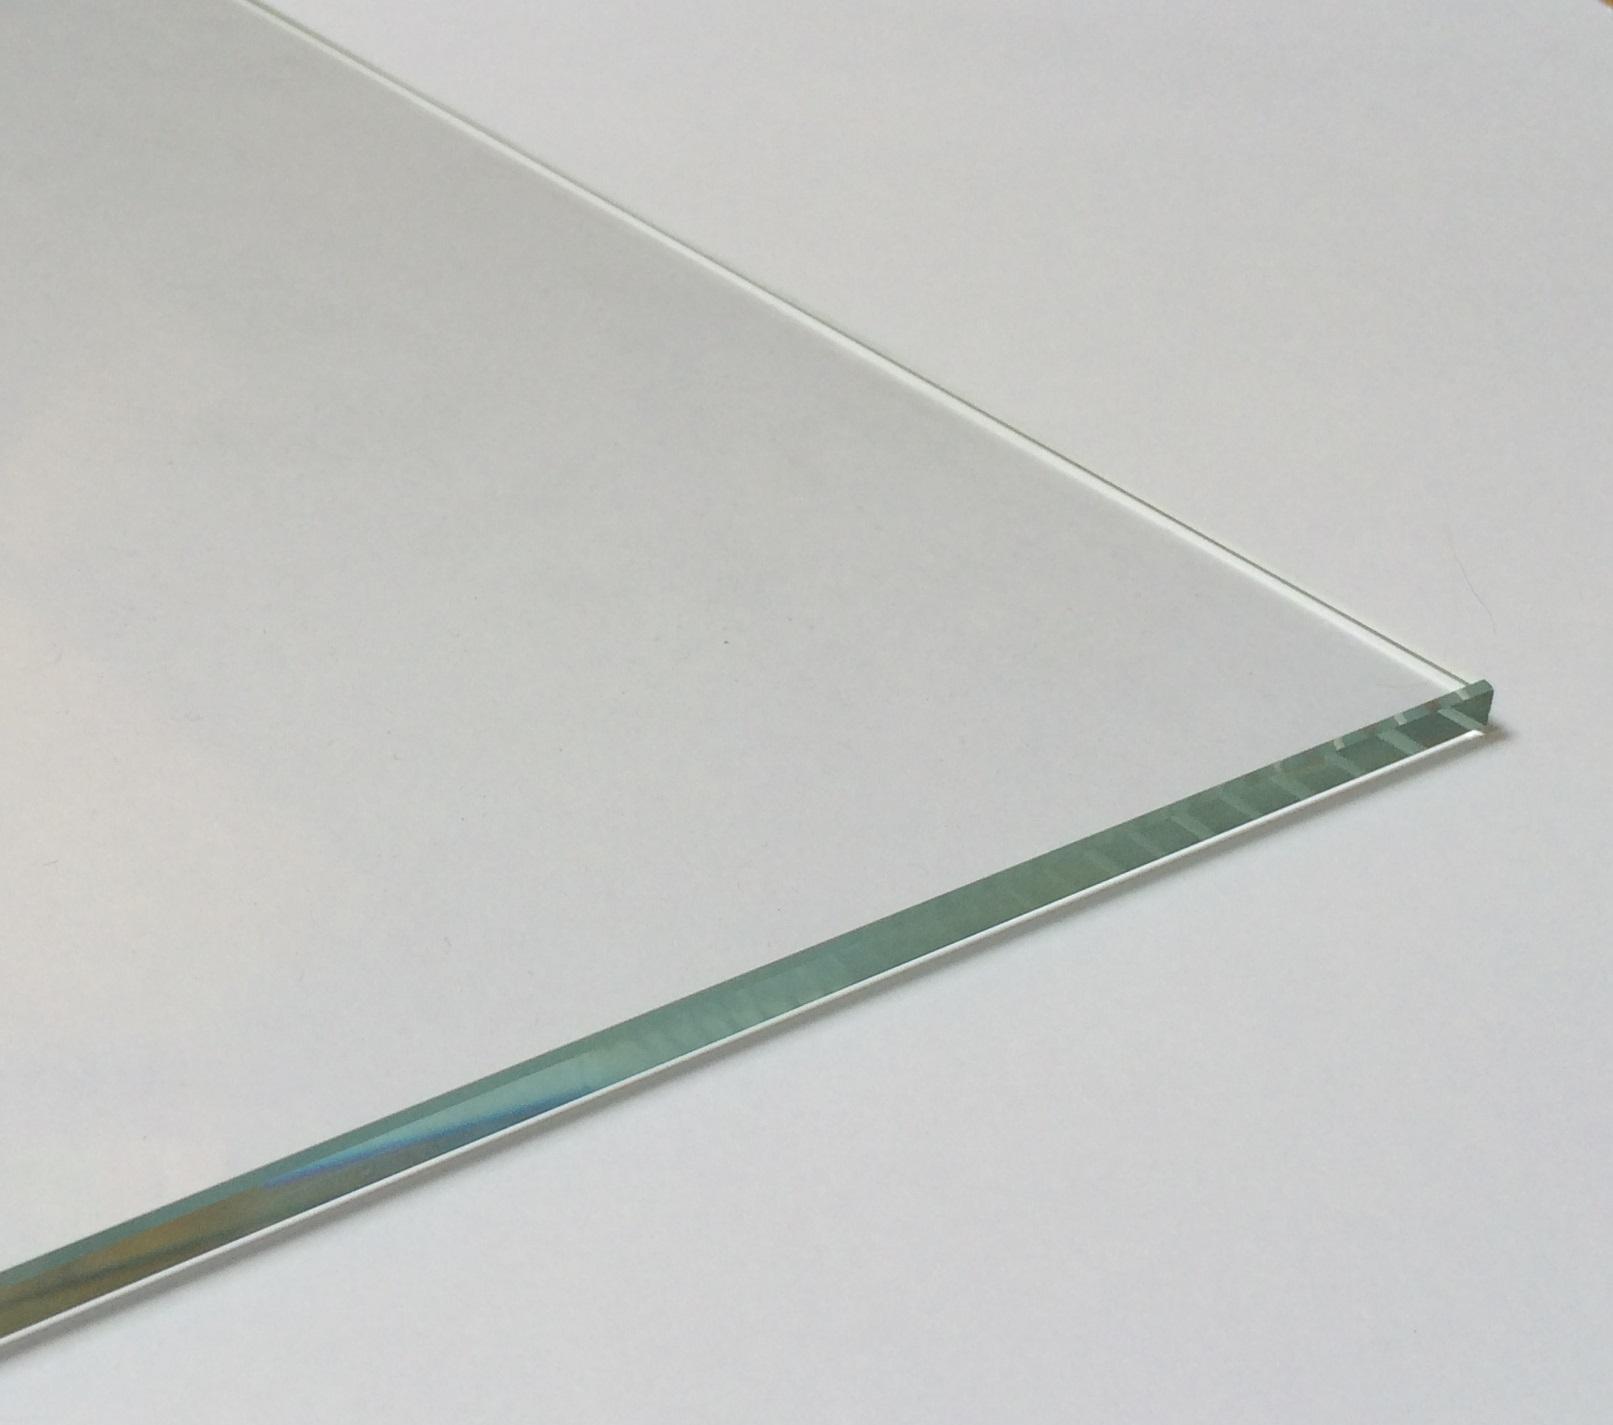 Kanten geschliffen und poliert klar durchsichtig Glasplatten ESG 4mm Ecken gesto/ßen biege- und sto/ßbelastbar. Einscheibensicherheitsglas ohne Stempel 900 x 1800 mm Nach Ma/ß bis 90 x 180 cm